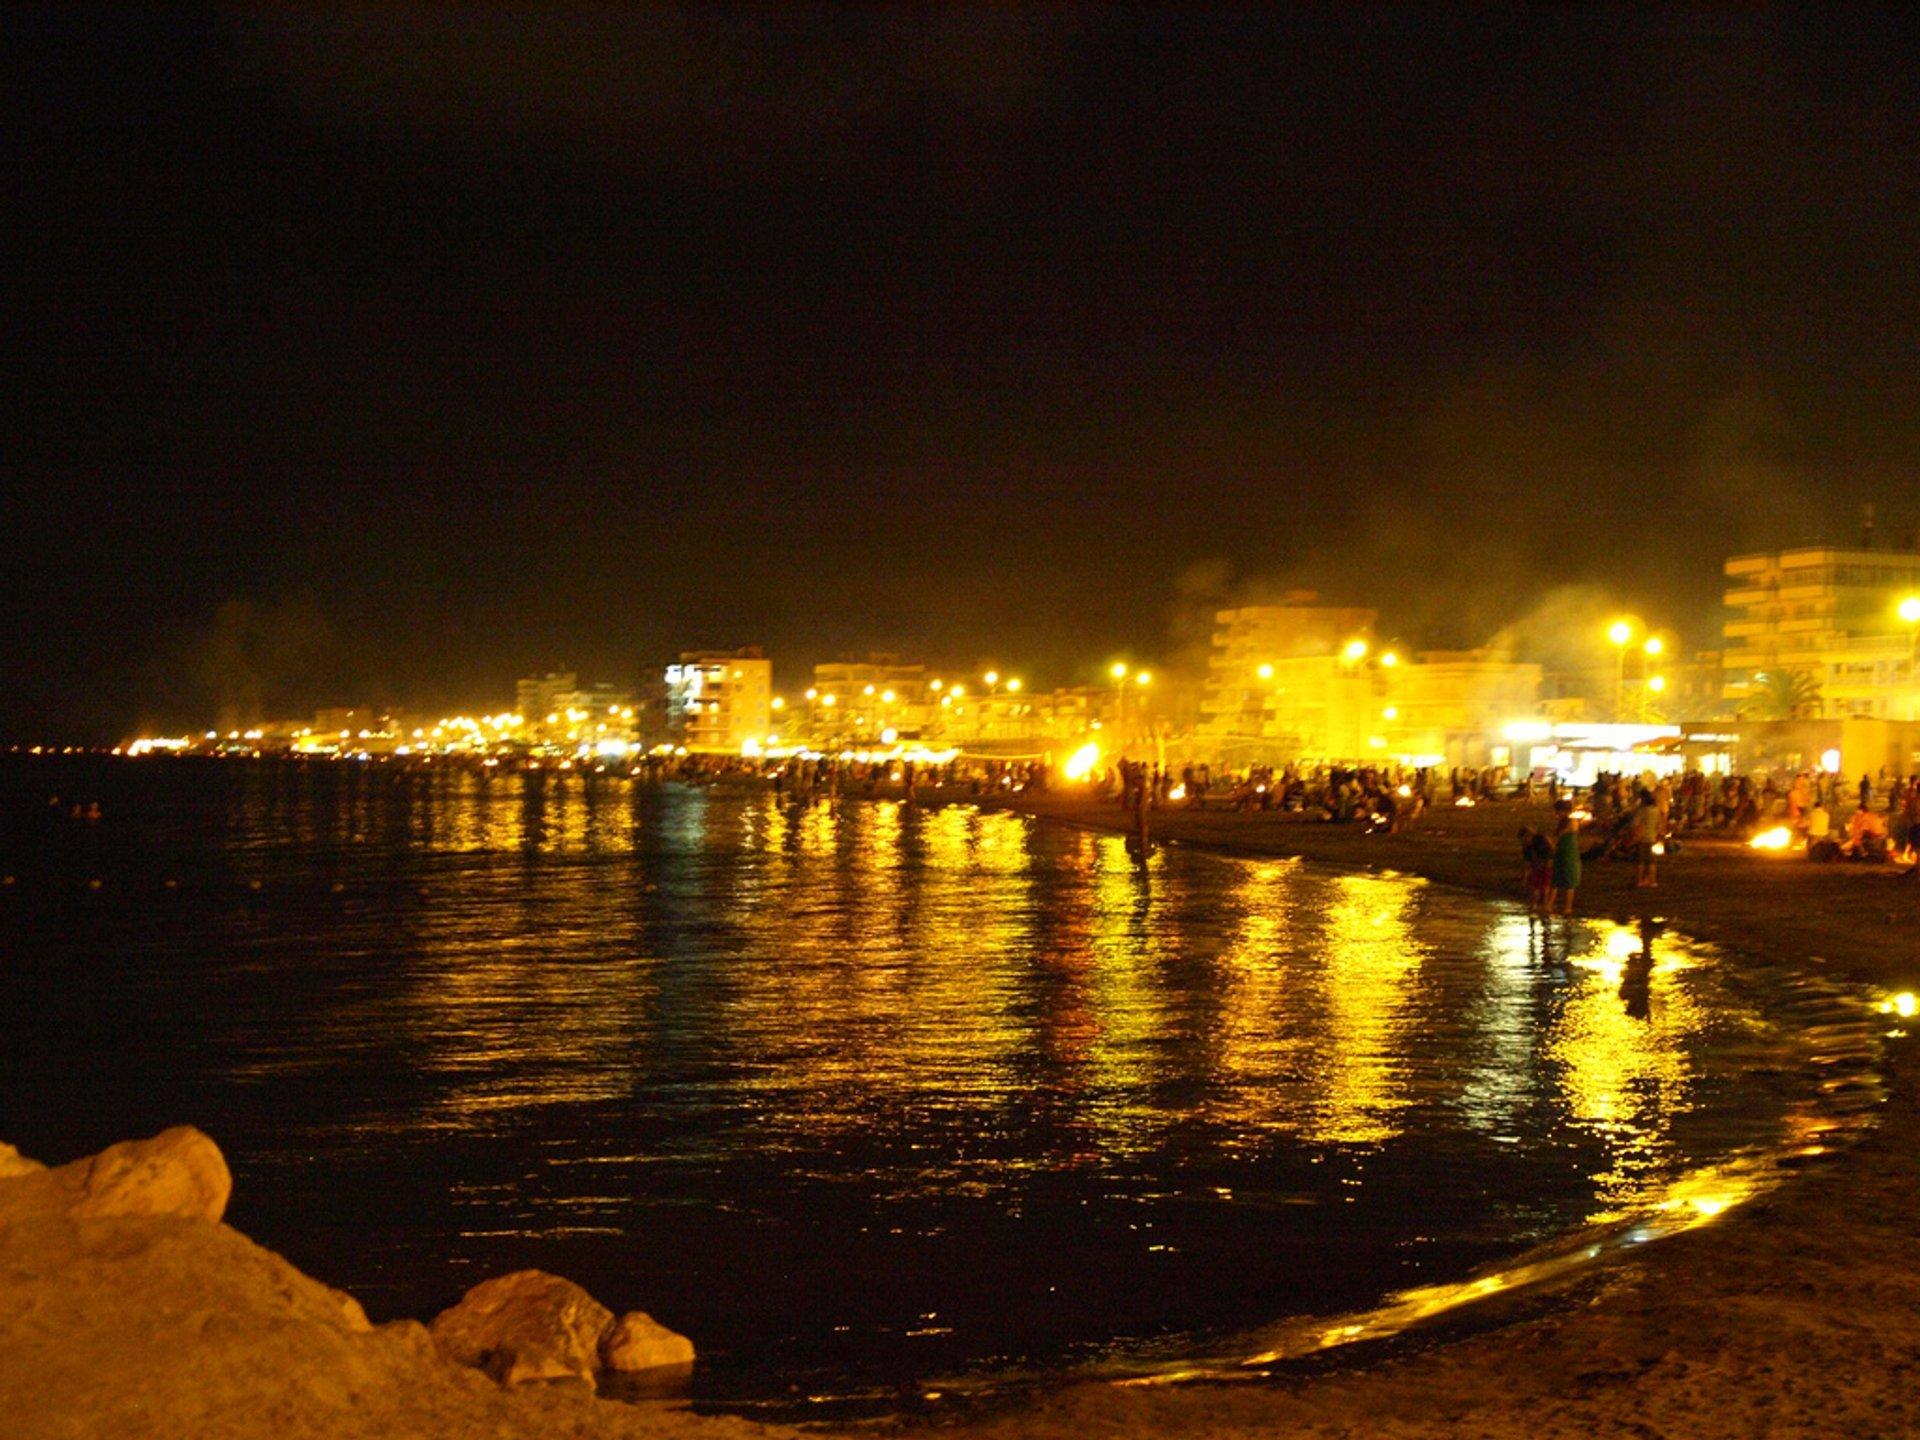 Noche de San Juan en Sta. Pola 2019